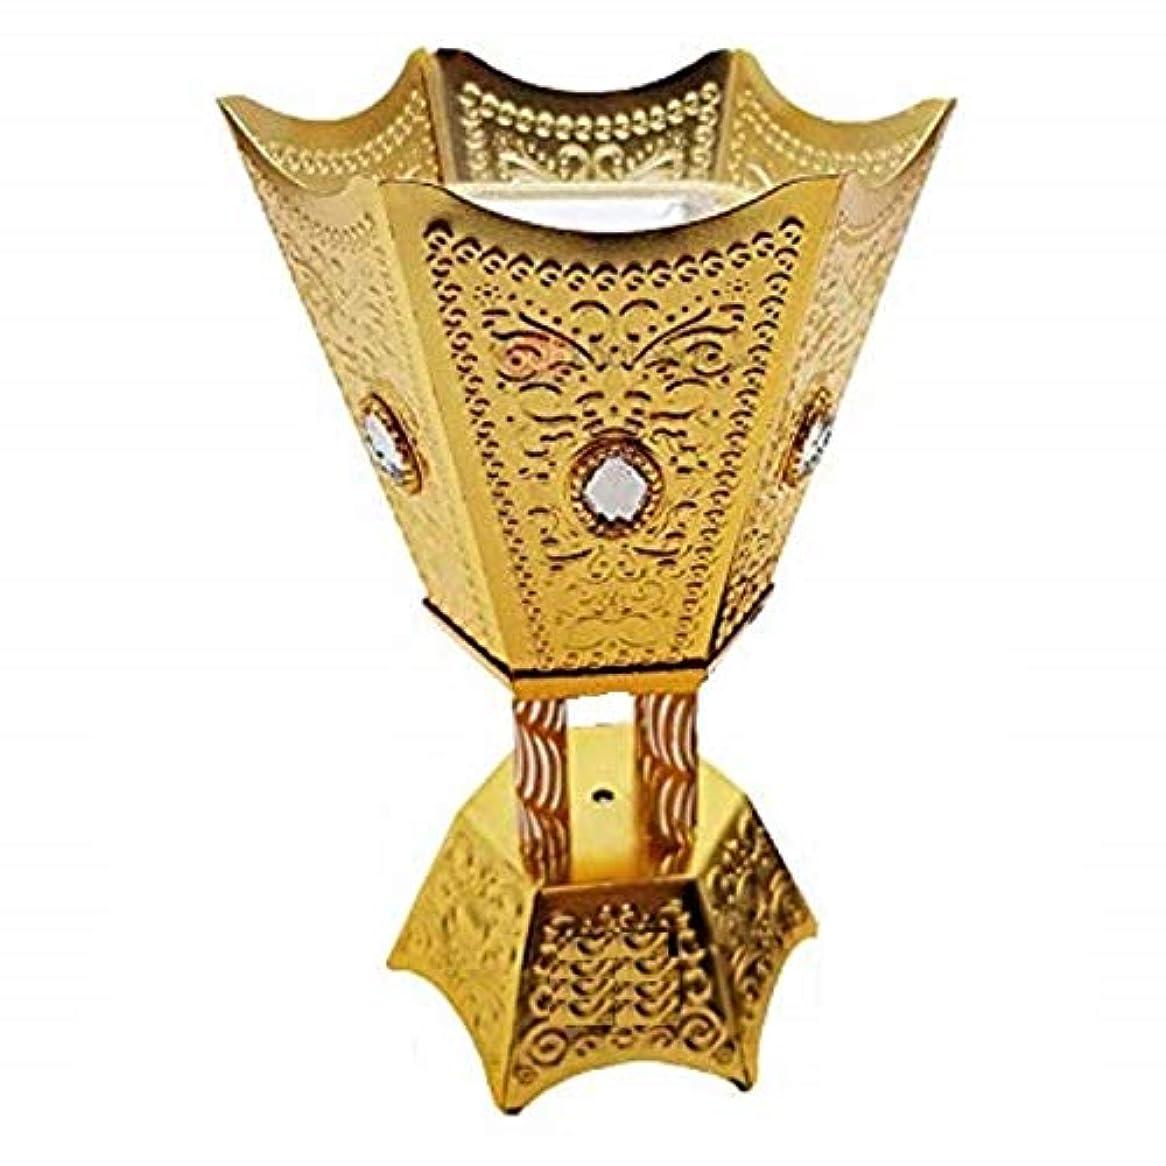 反乱細部変換するOMG-Deal Incense Burner Charcoal Bakhoor Frankincense Resin – Luxury Hand Painted Burner - WF -001 Golden